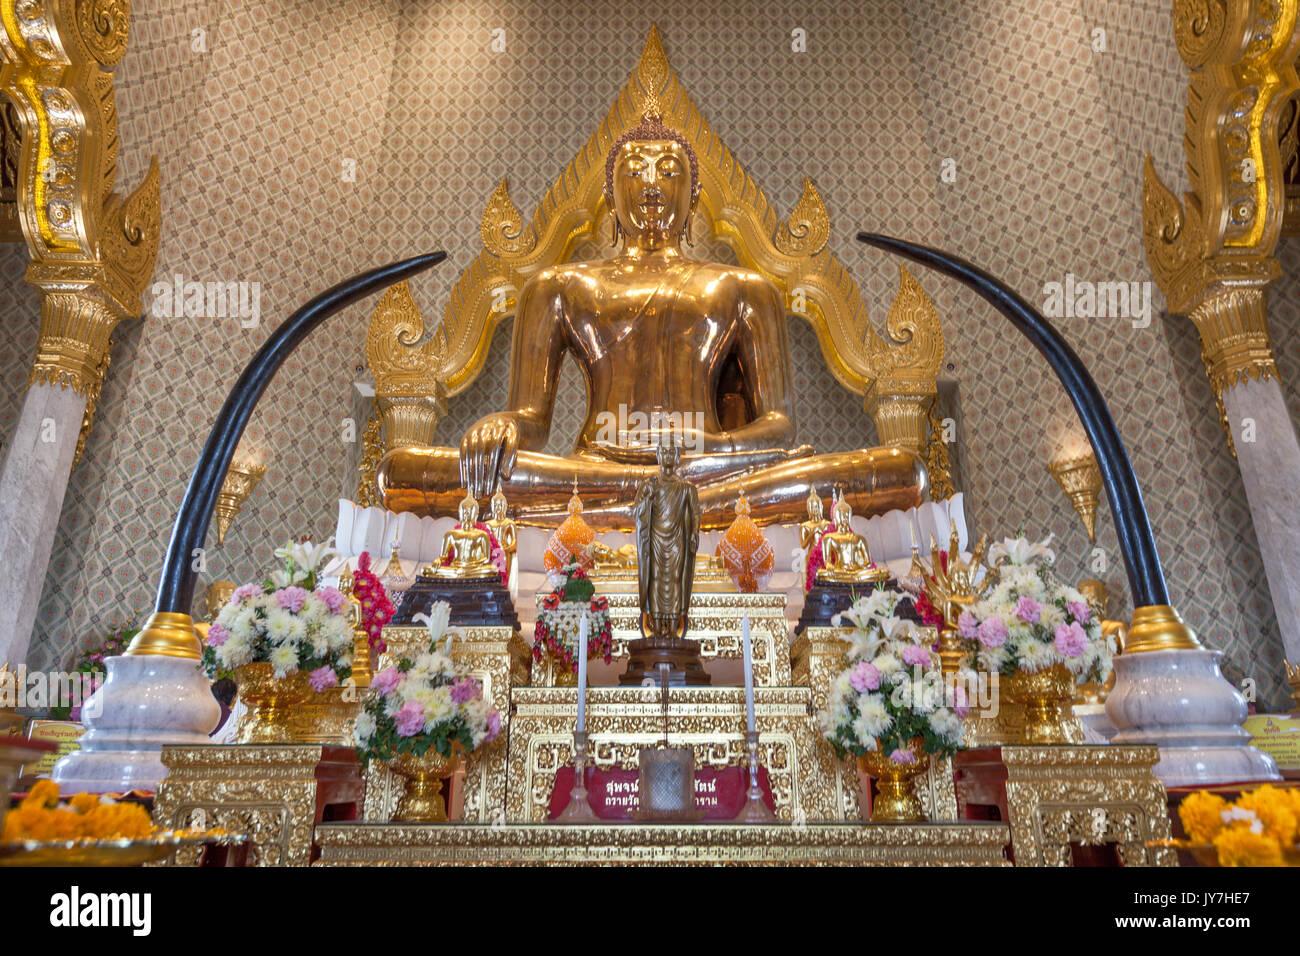 Estatua de Buda de oro puro al templo Wat Traimit en Chinatown, en Bangkok, Tailandia Imagen De Stock